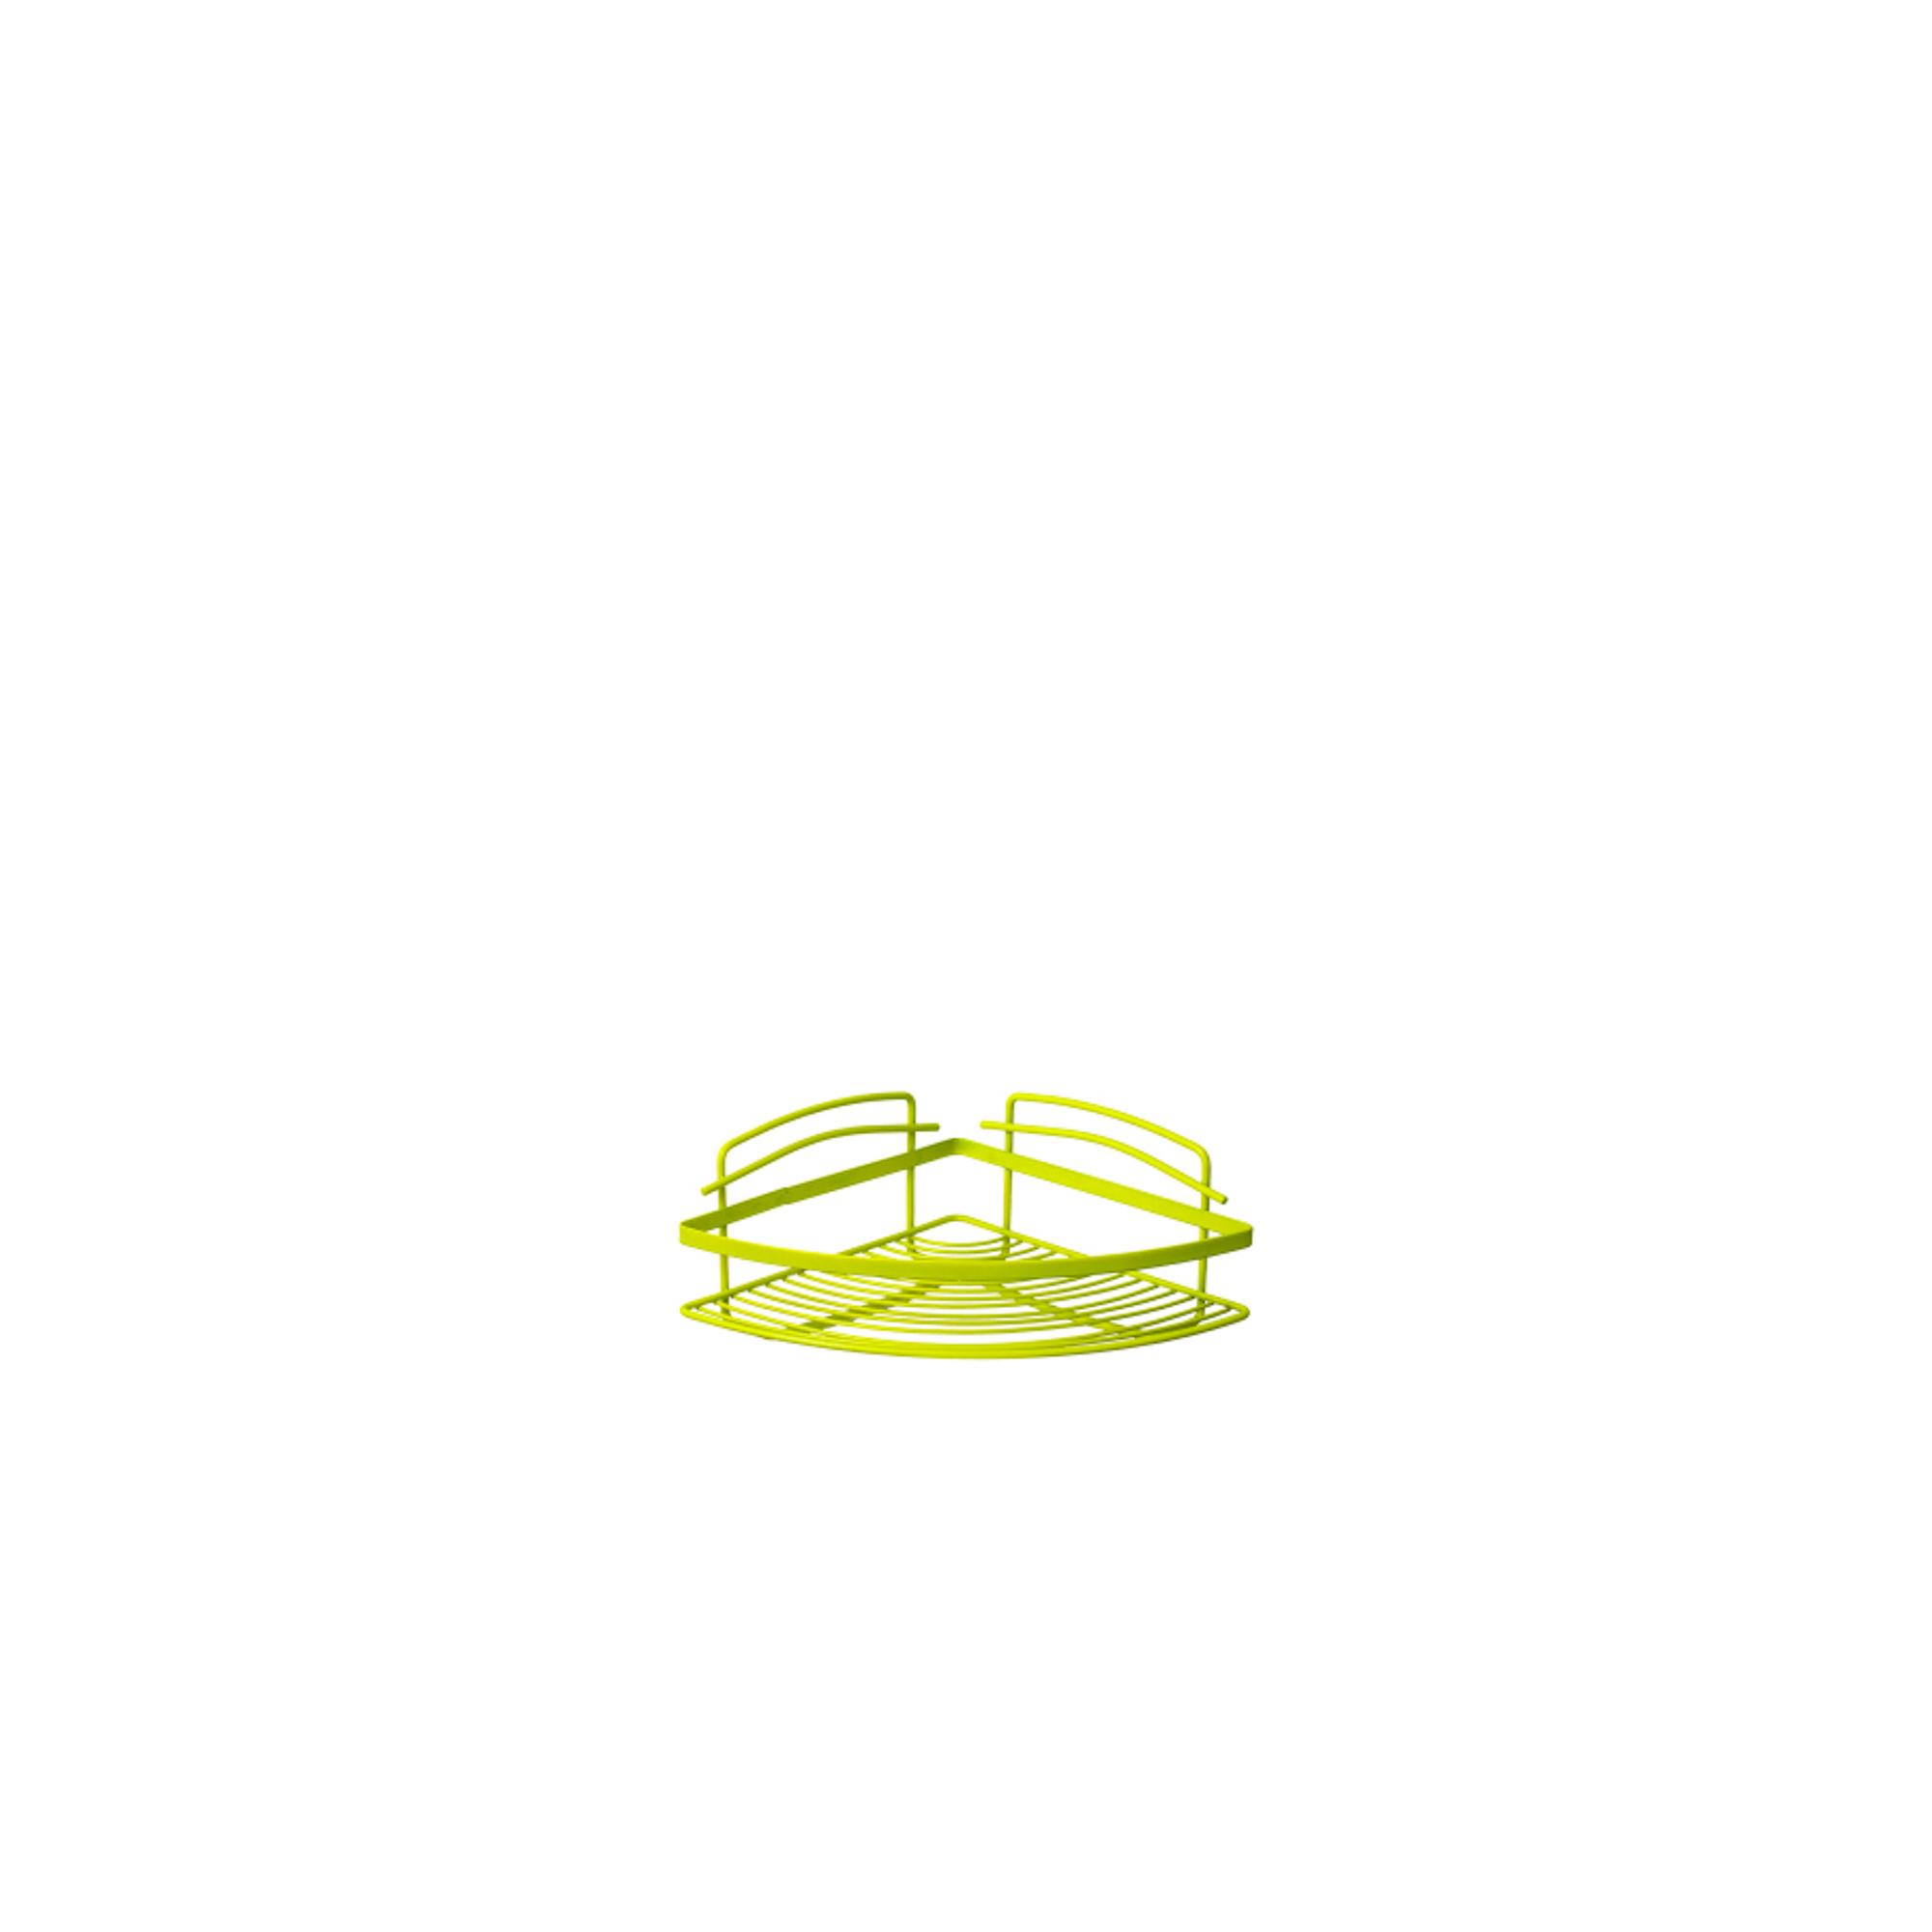 Полка угловая одноэтажная зеленая Fixsen